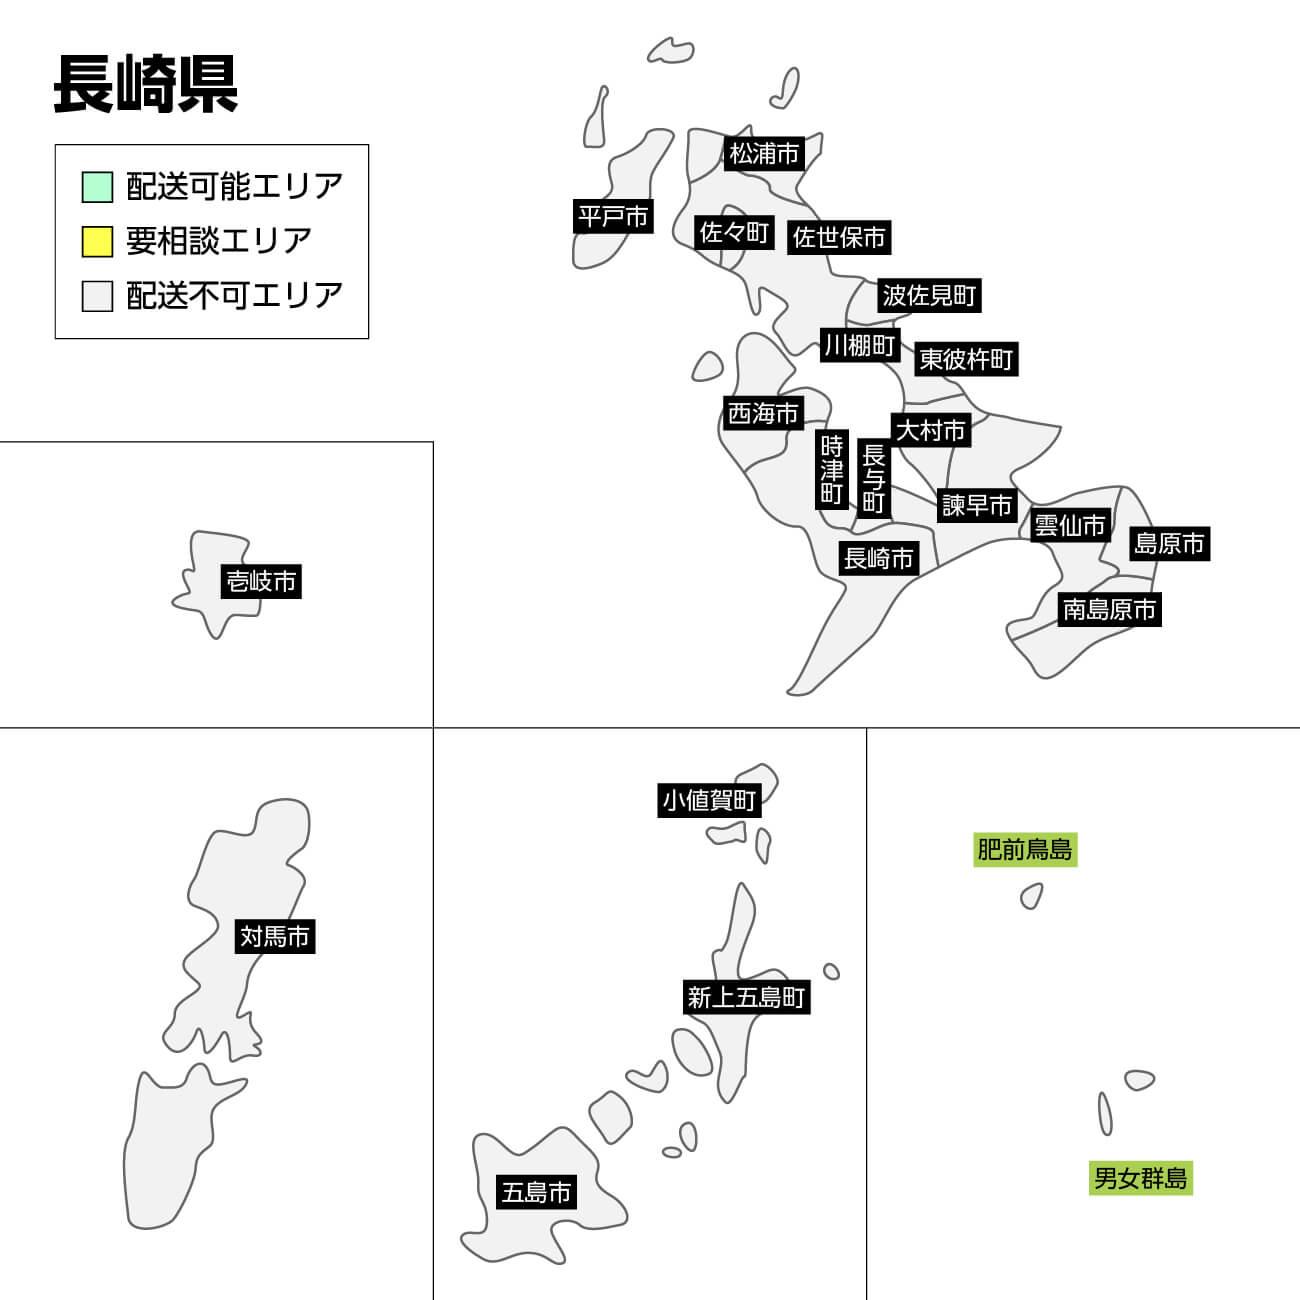 長崎県の集荷可能エリア